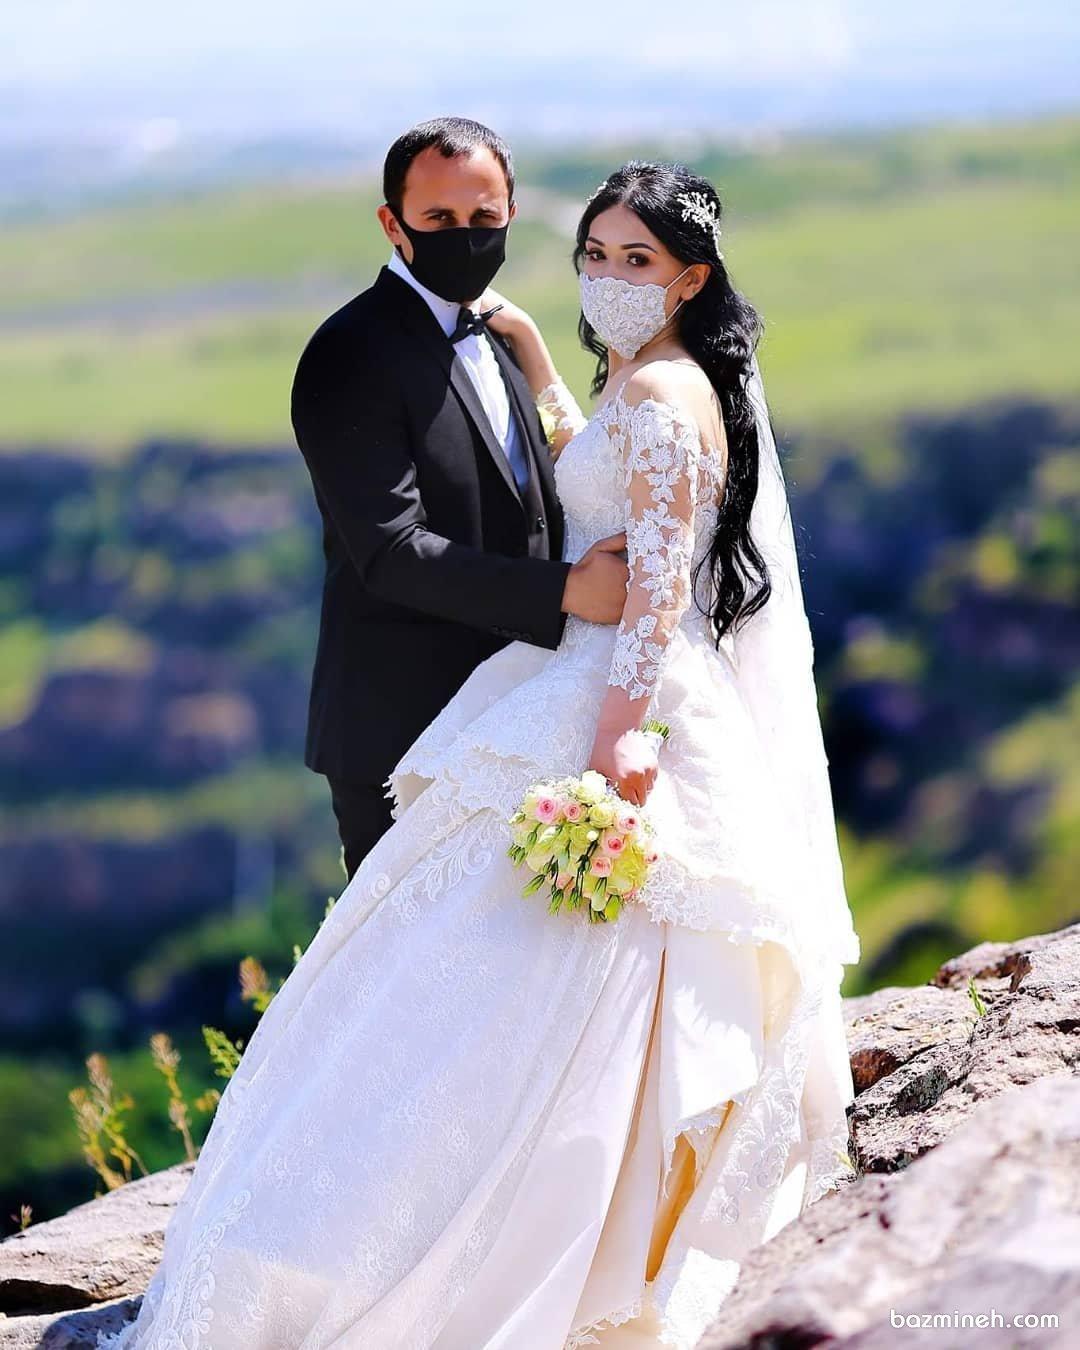 6 راهکار برای عروسی های کنسل شده در دوران کرونا